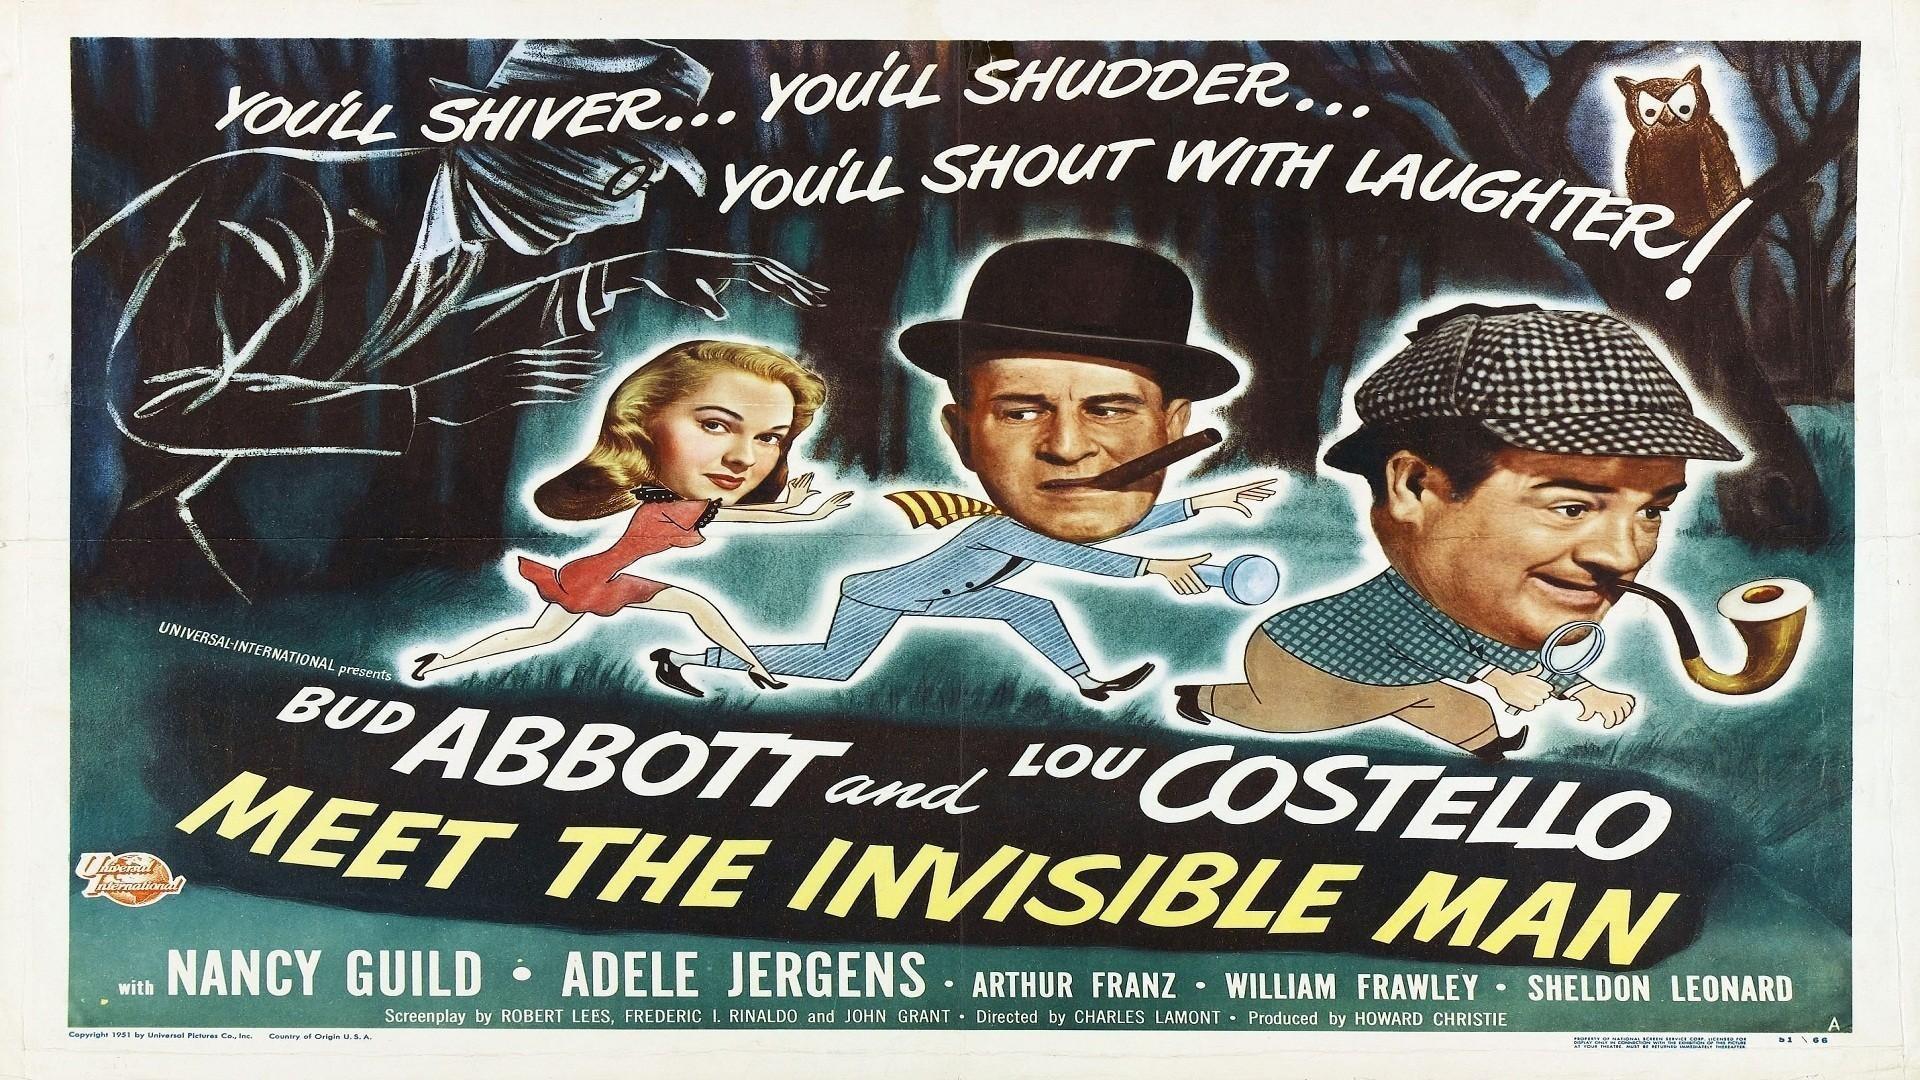 abbott and costello comedy retro televion movie film